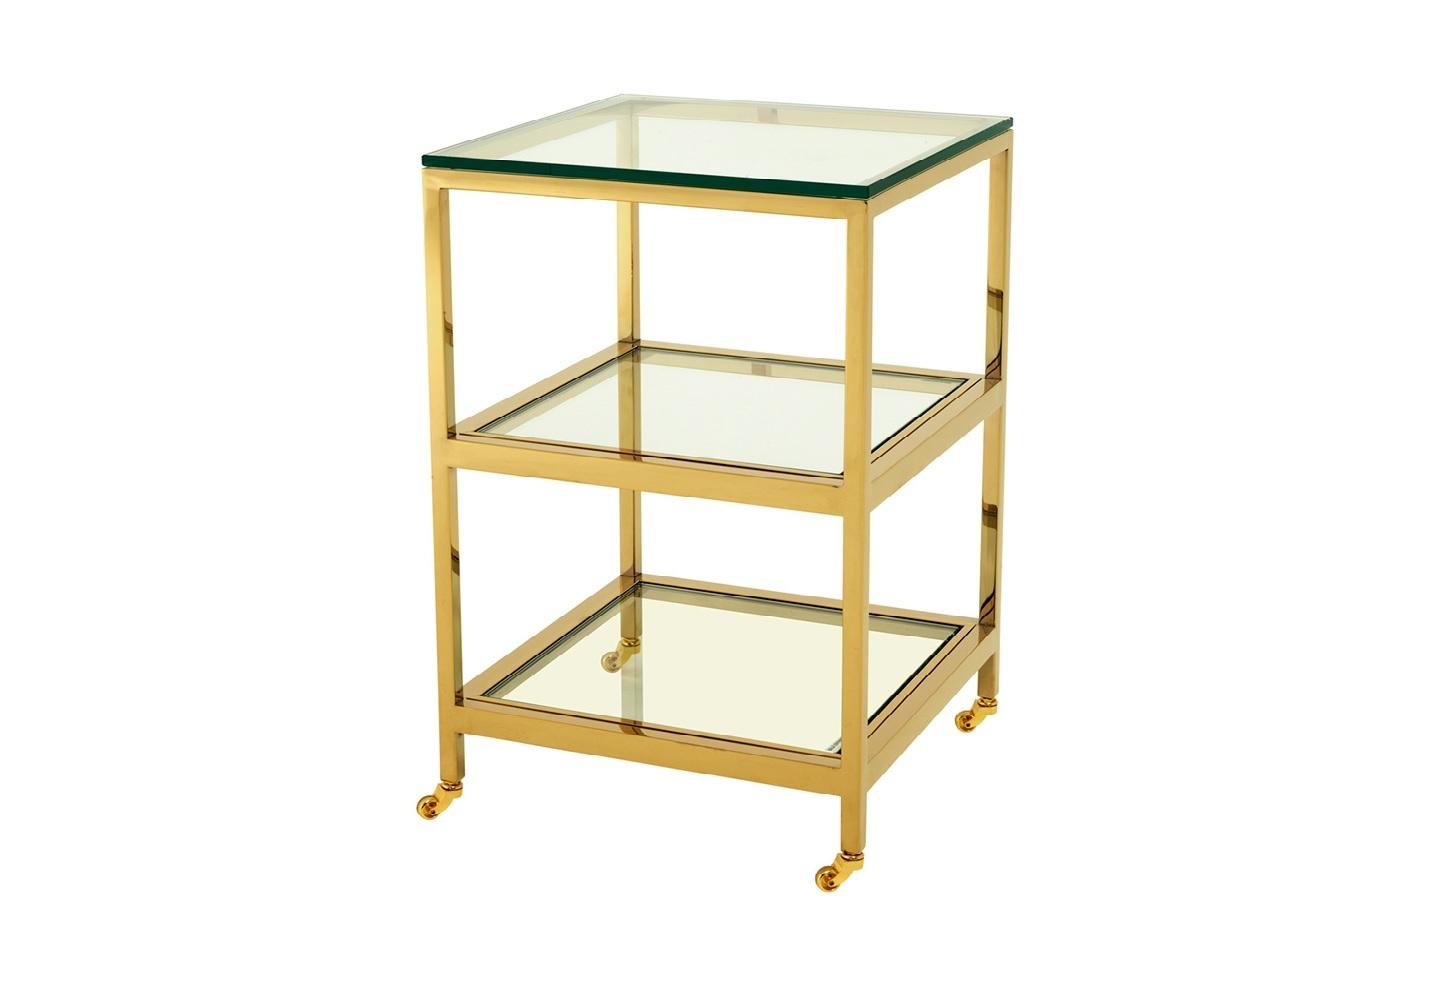 Столик Side Table HuttonПриставные столики<br>Приставной столик Side Table Hutton на металлическом основании. Столешница выполнена из плотного прозрачного стекла.<br><br>Material: Стекло<br>Width см: 45<br>Depth см: 45<br>Height см: 71